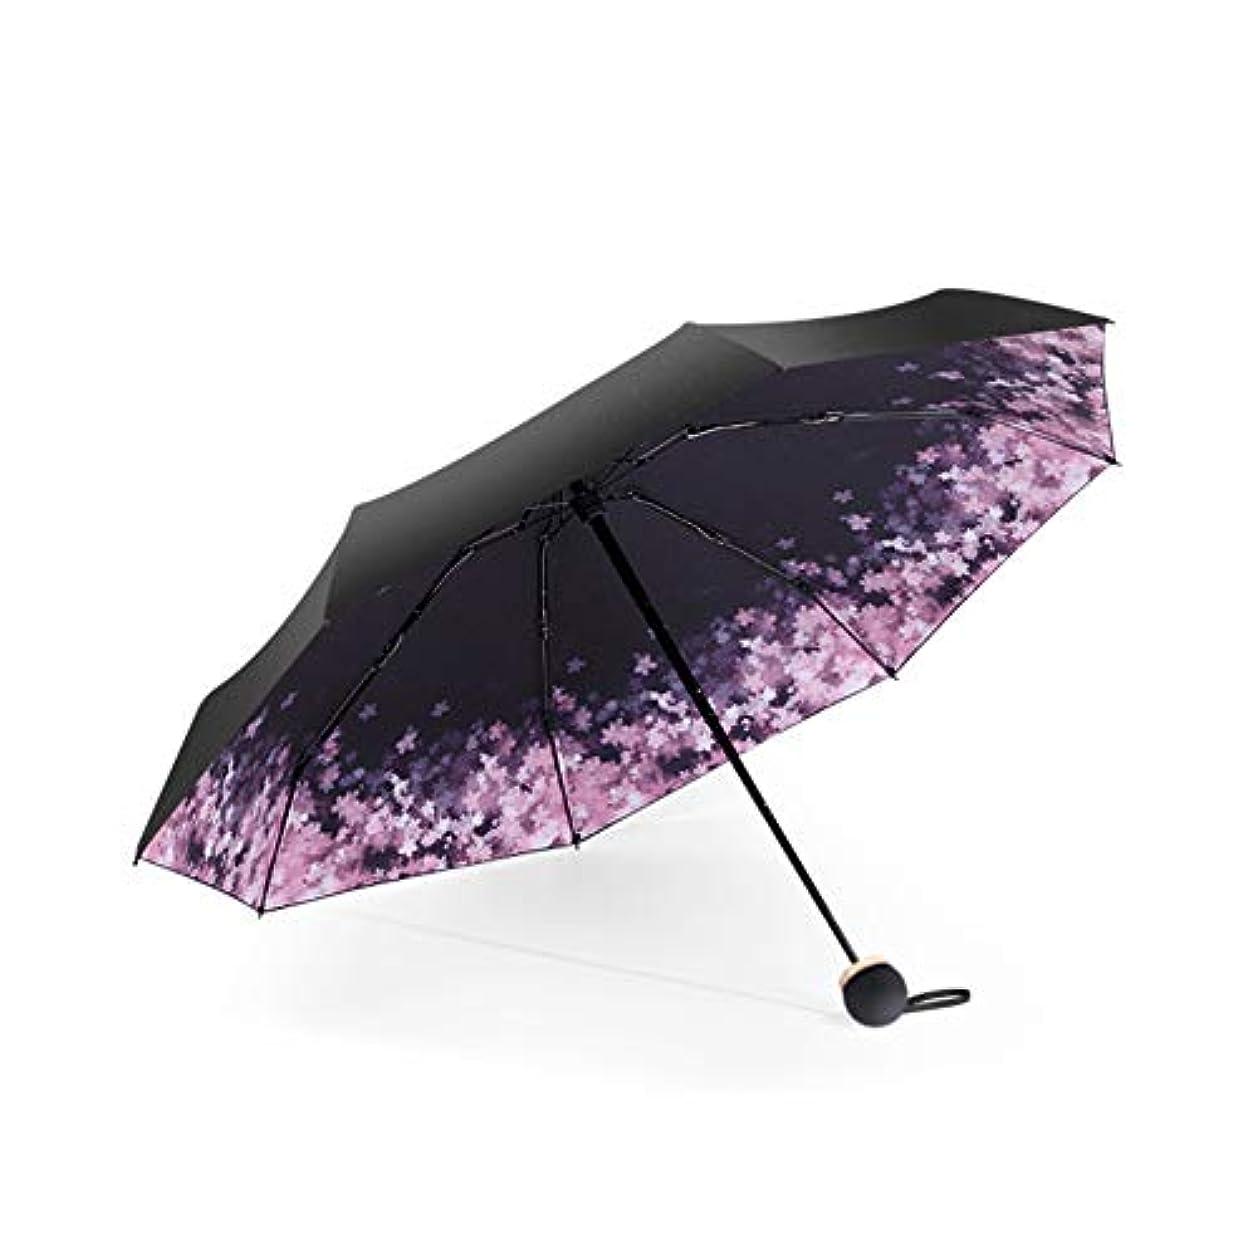 朝謝罪増強折りたたみ日傘 軽量 8本骨 UVカット 折り畳み傘 手動開閉 桜柄 おしゃれ 晴雨兼用 傘カバー付